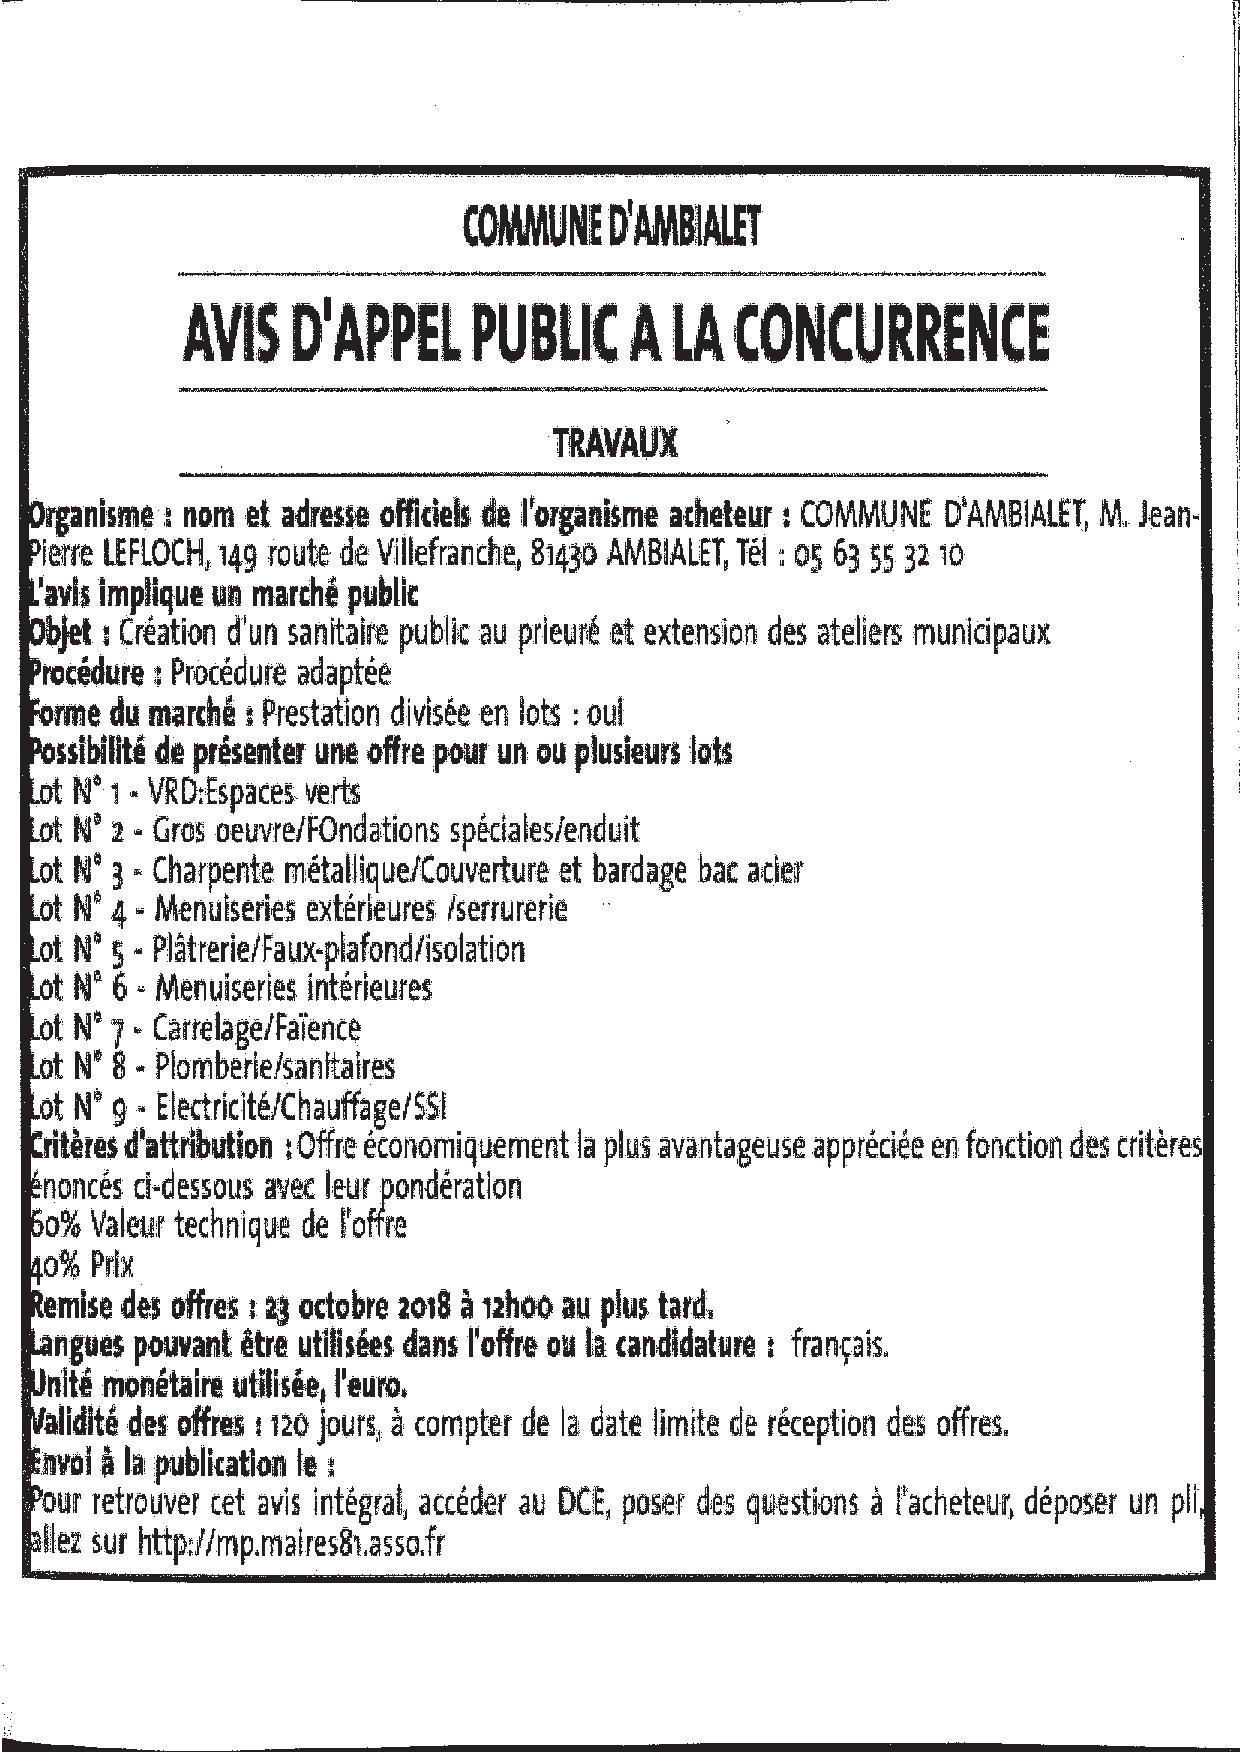 AVIS D'APPEL PUBLIC A LA CONCURRENCE